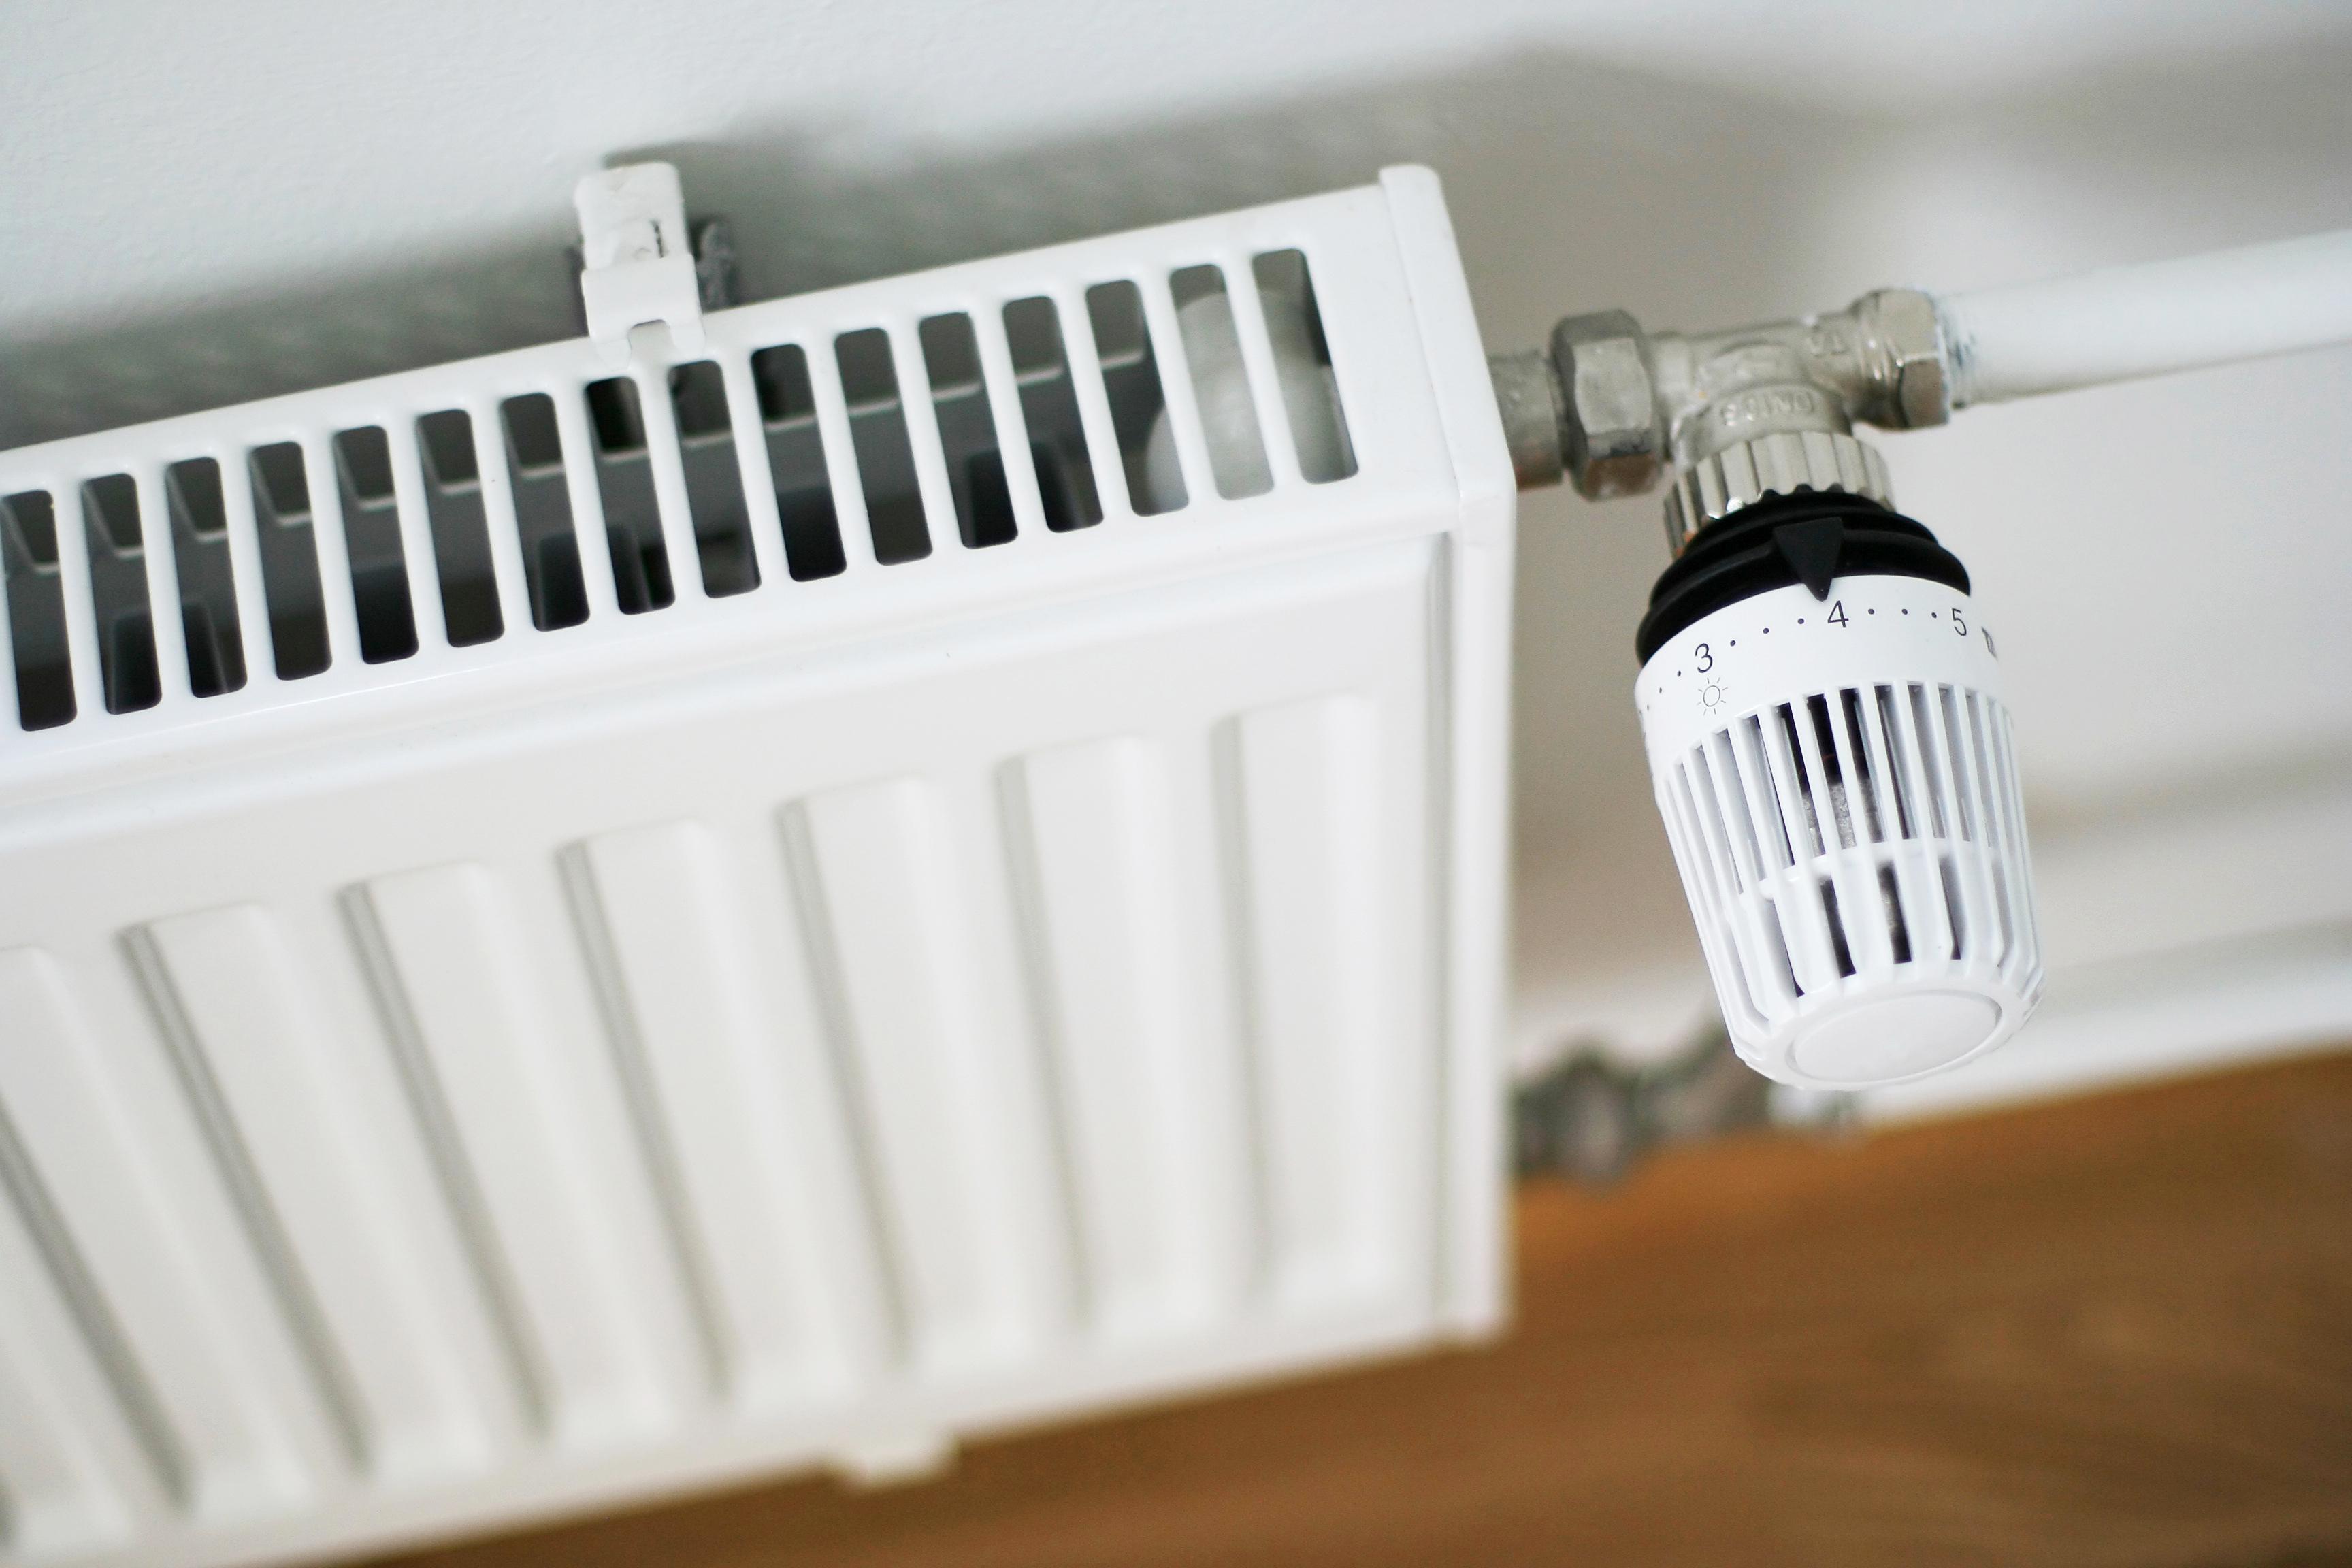 Heater For House Vs Heater For Room